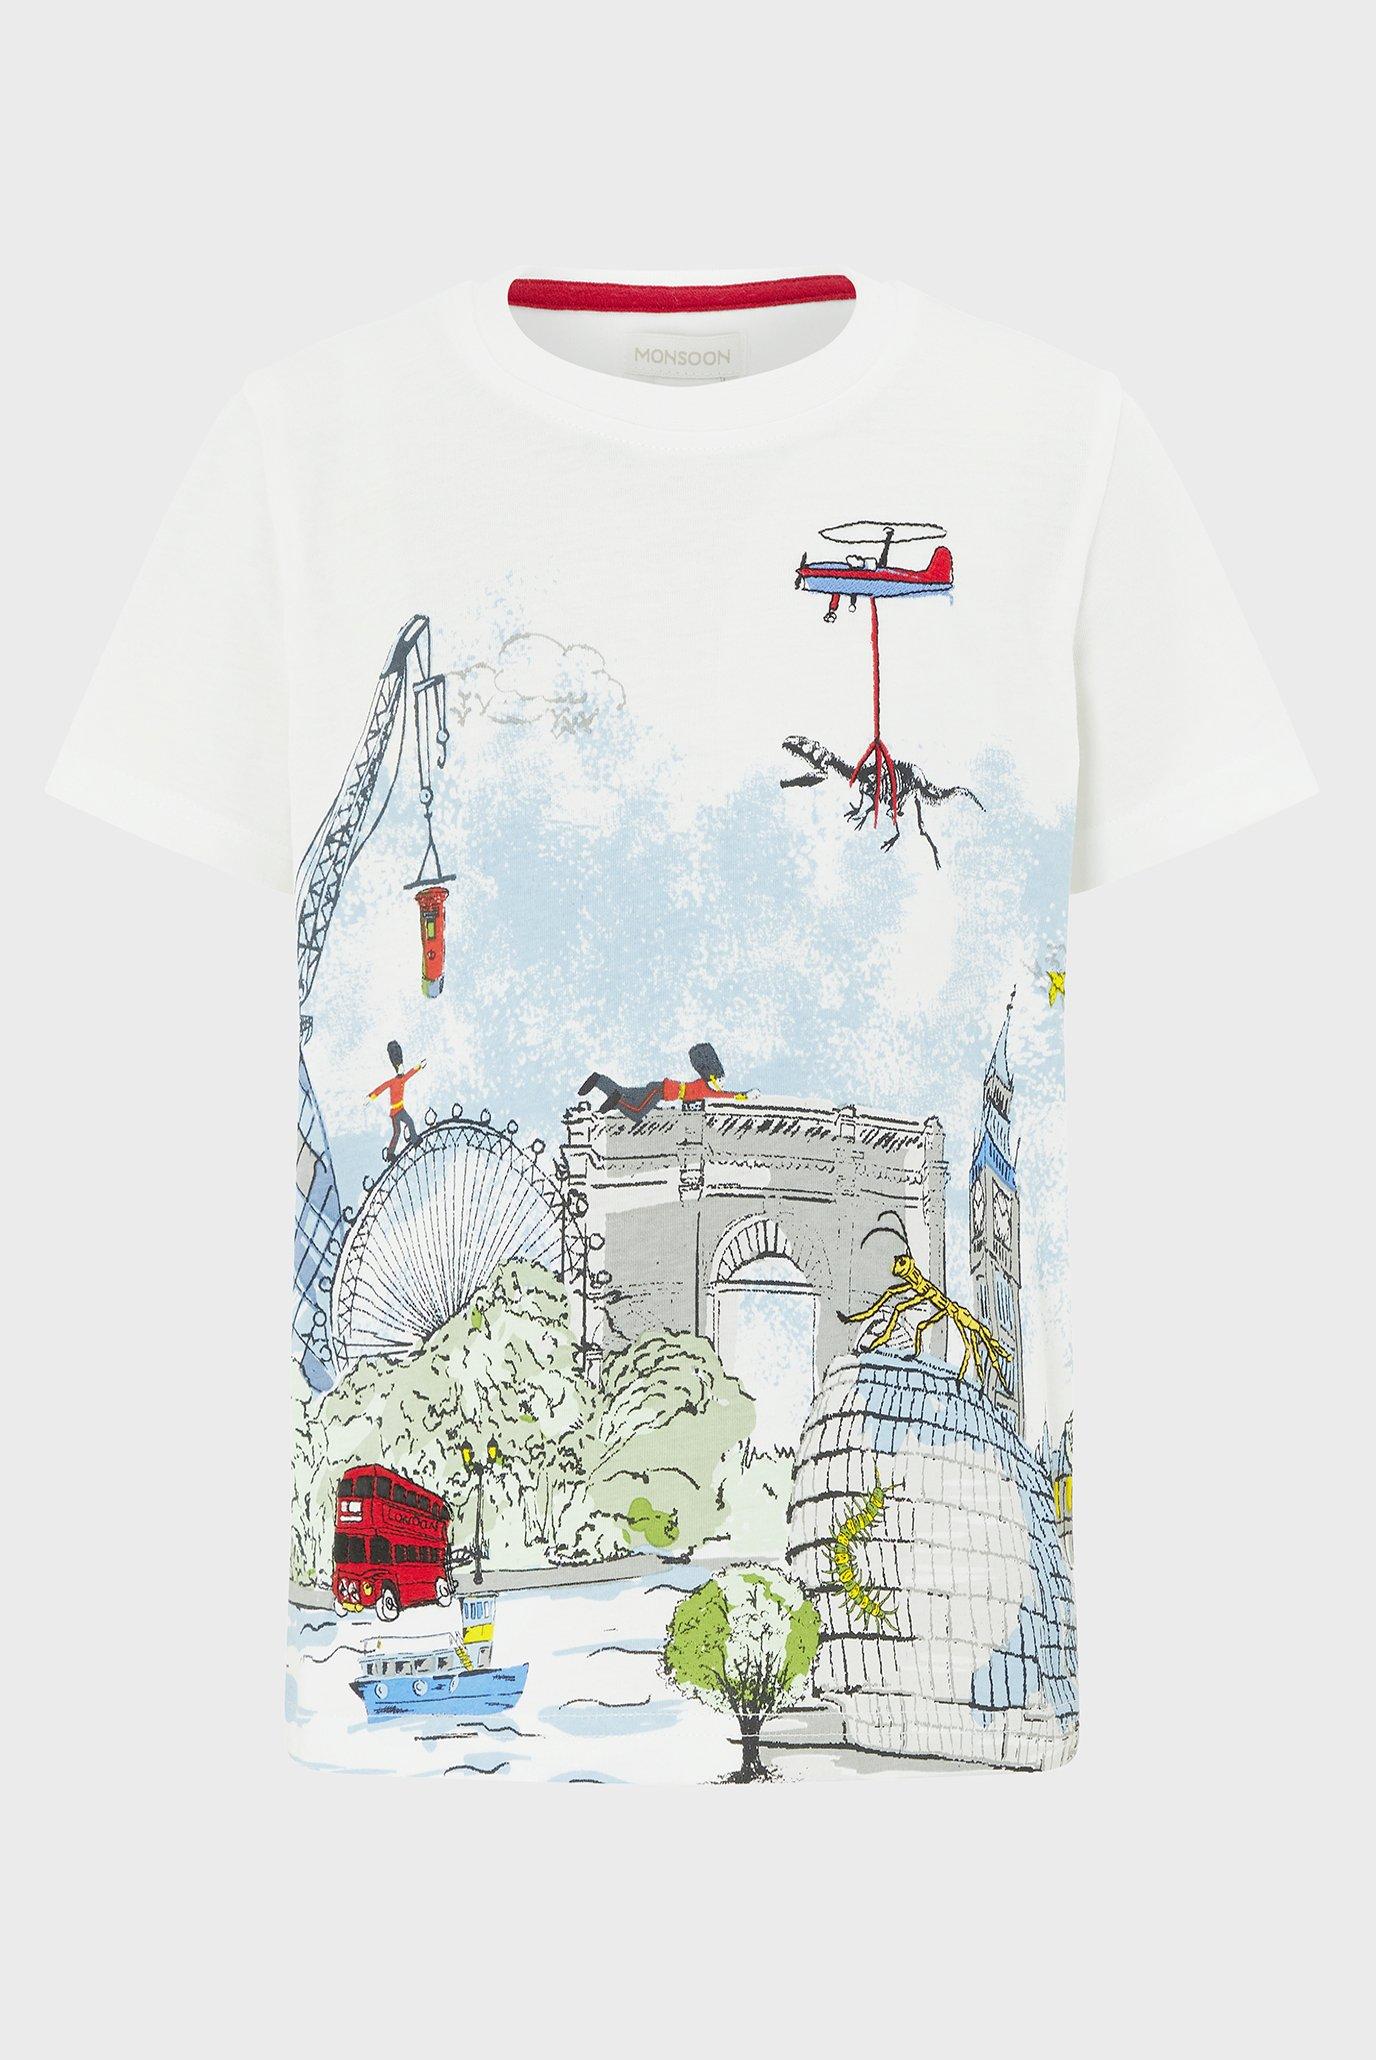 Купить Детская бежевая футболка Louis London Tee Monsoon Children Monsoon Children 616233 – Киев, Украина. Цены в интернет магазине MD Fashion